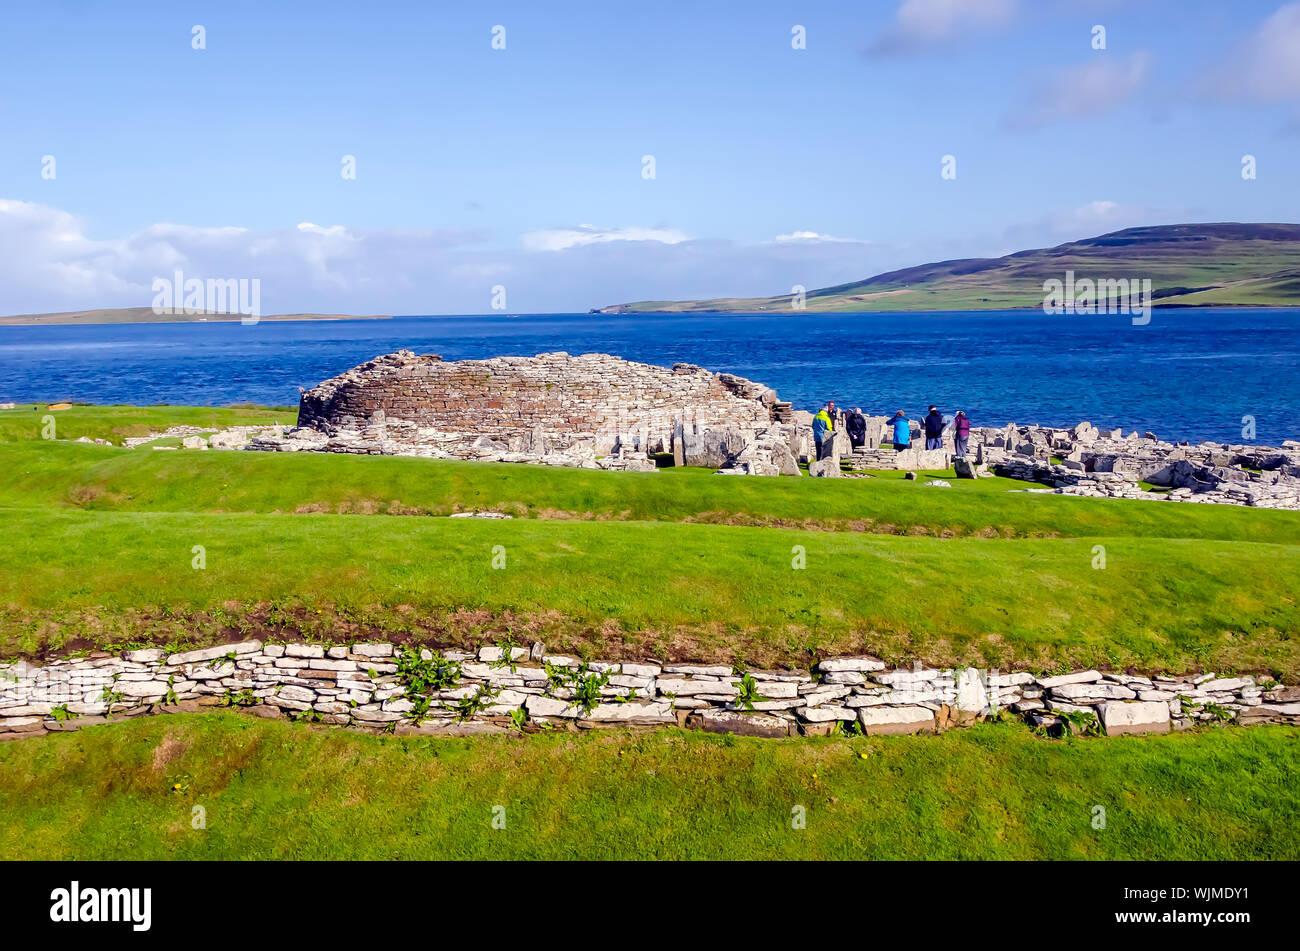 Broch de Gurness flanquée de digues de terre renforcée par la pierre. Les ruines du village broch l'entourent. Banque D'Images